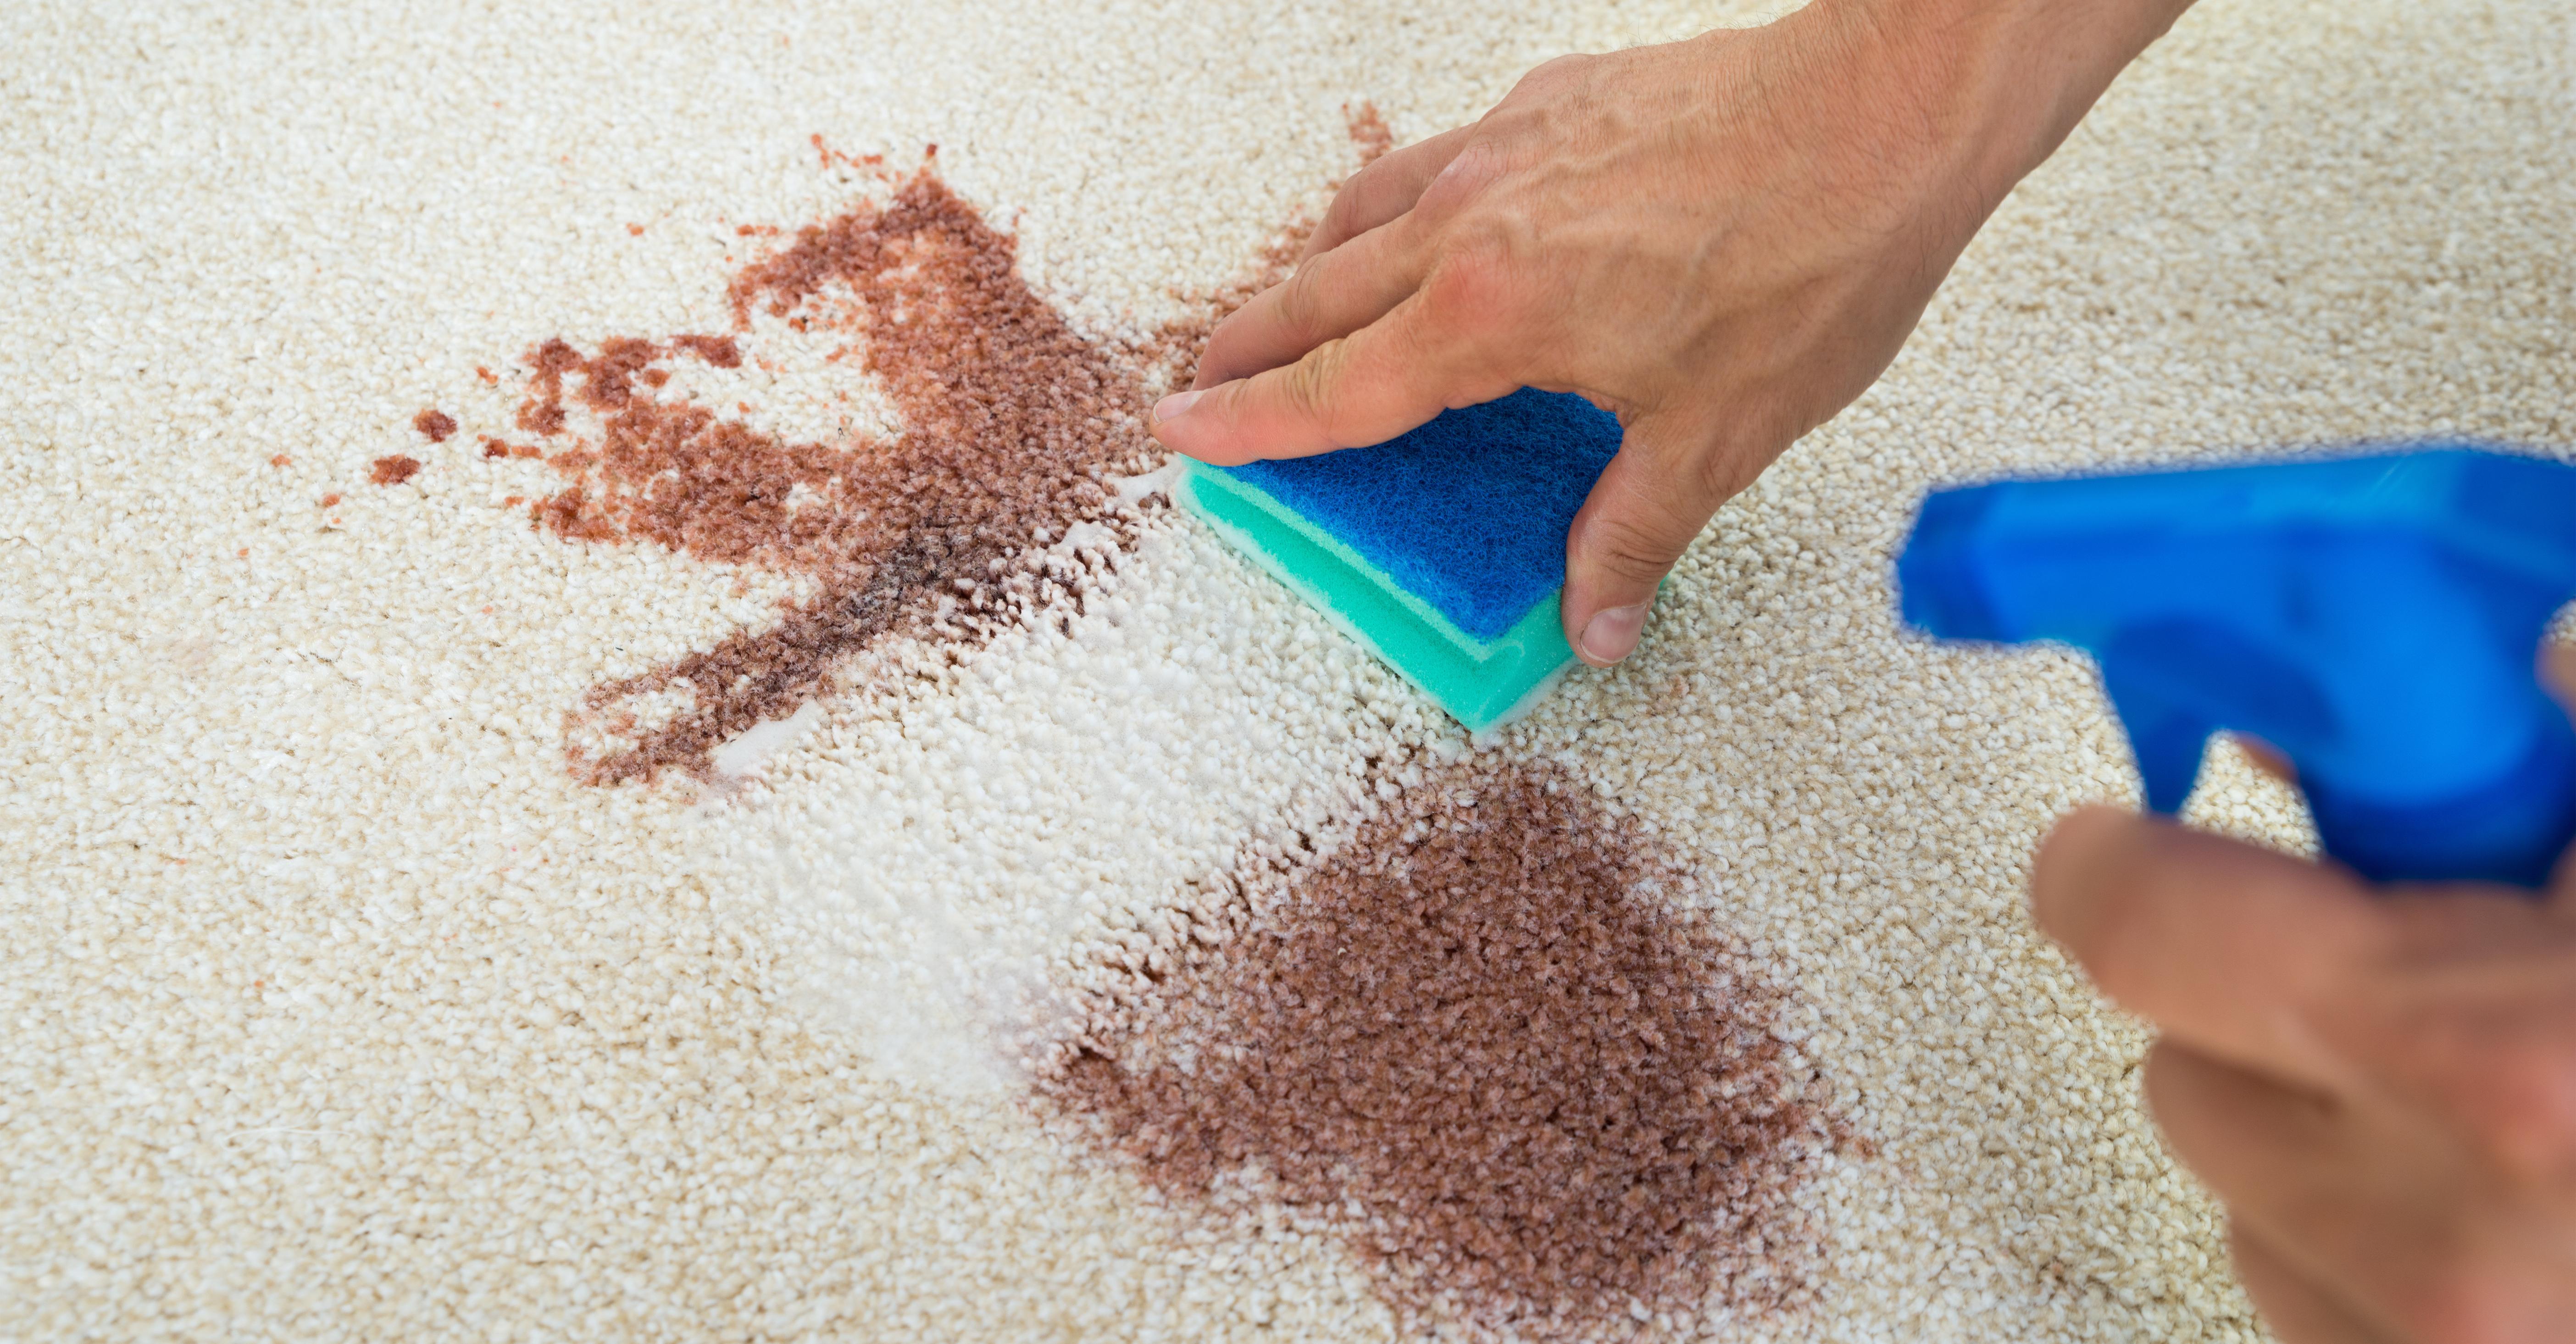 spot stain on carpet